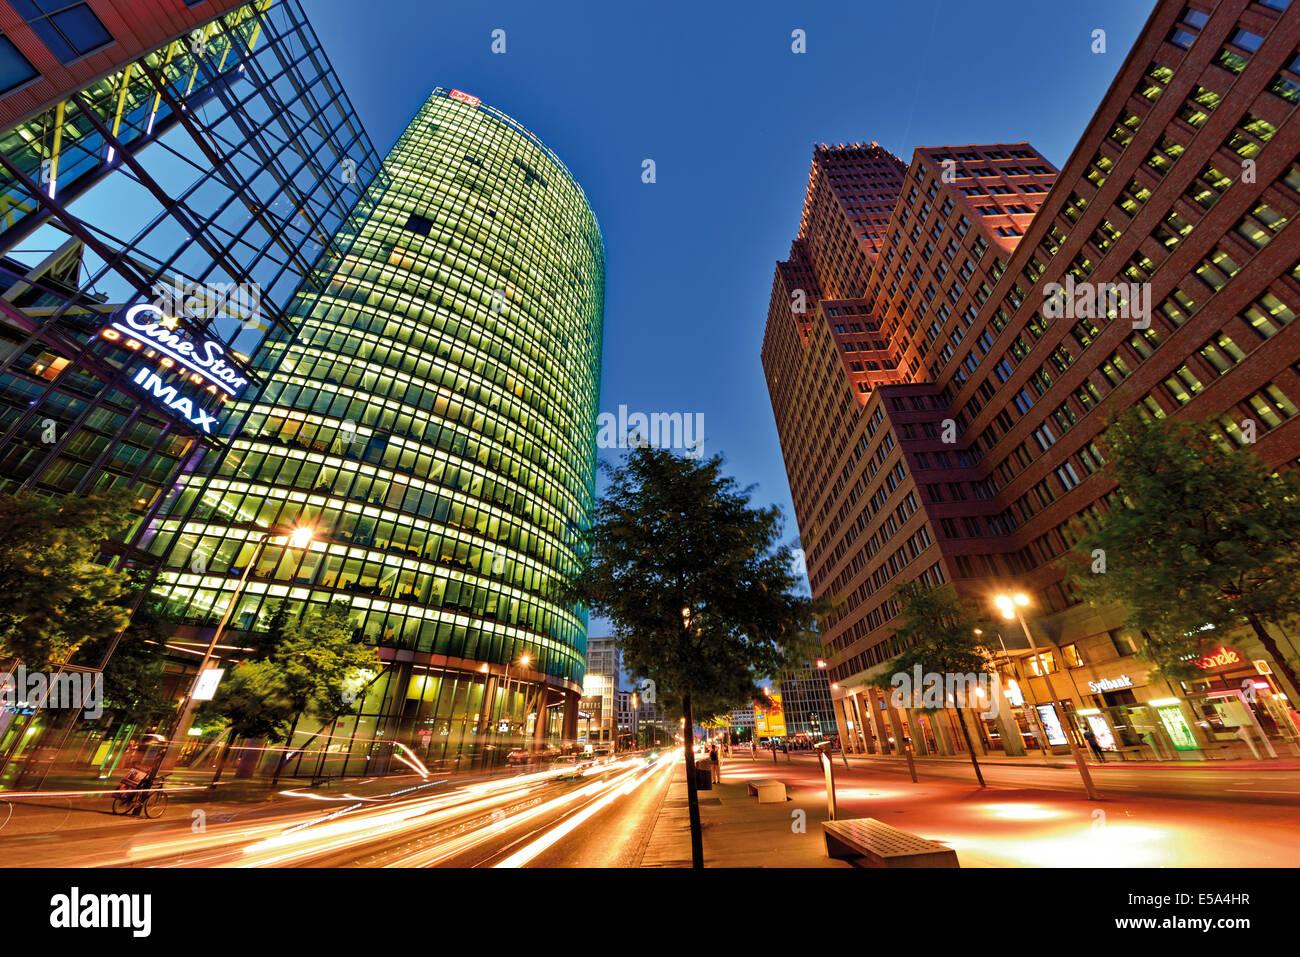 Allemagne, Berlin: vue nocturne de la Place de Potsdam (Potsdamer Platz) Photo Stock